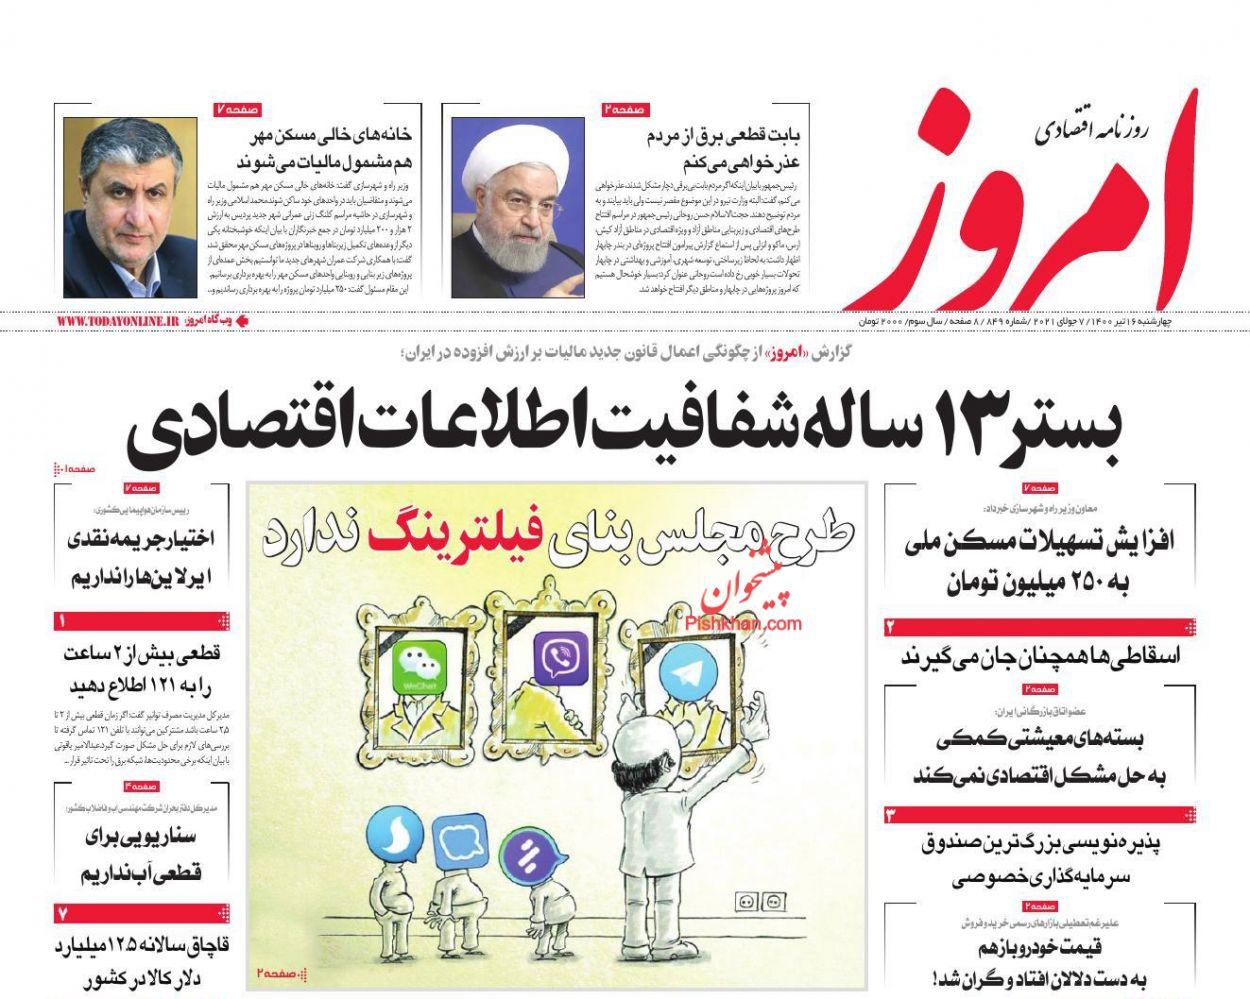 عناوین اخبار روزنامه امروز در روز چهارشنبه ۱۶ تیر